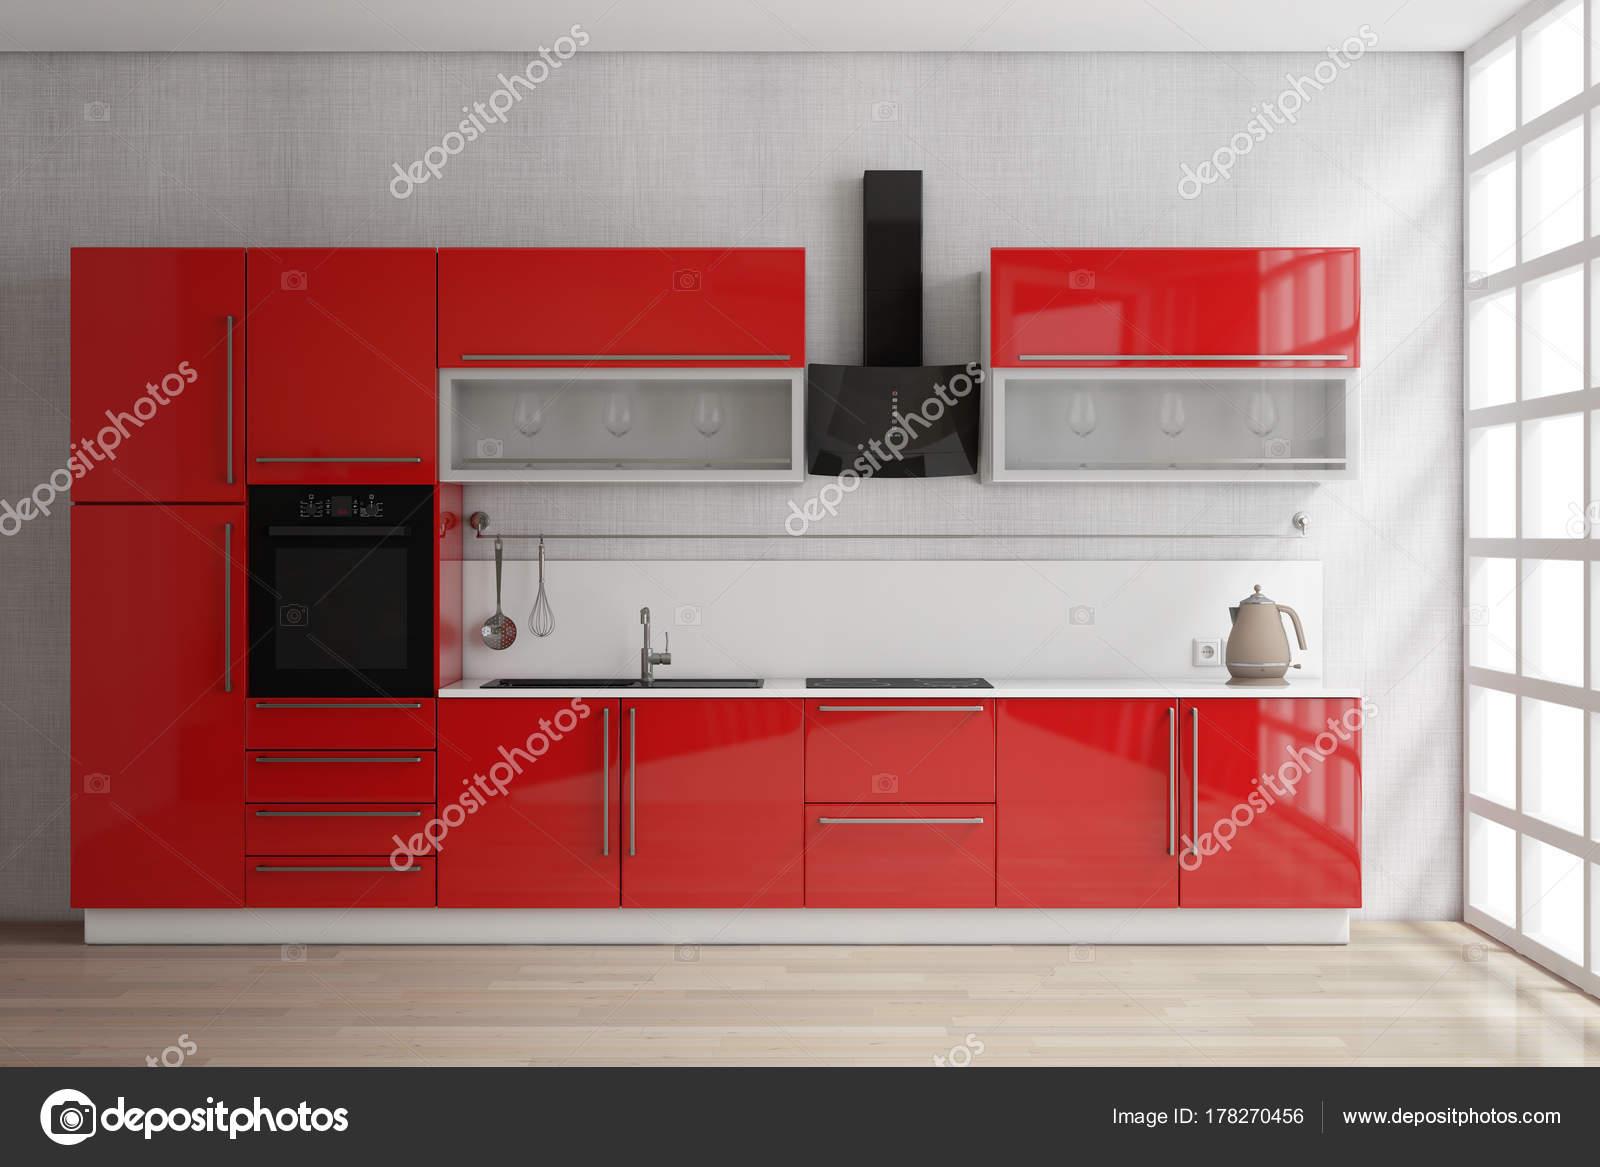 Muebles de cocina rojo con utensilios de cocina junto a la ventana ...